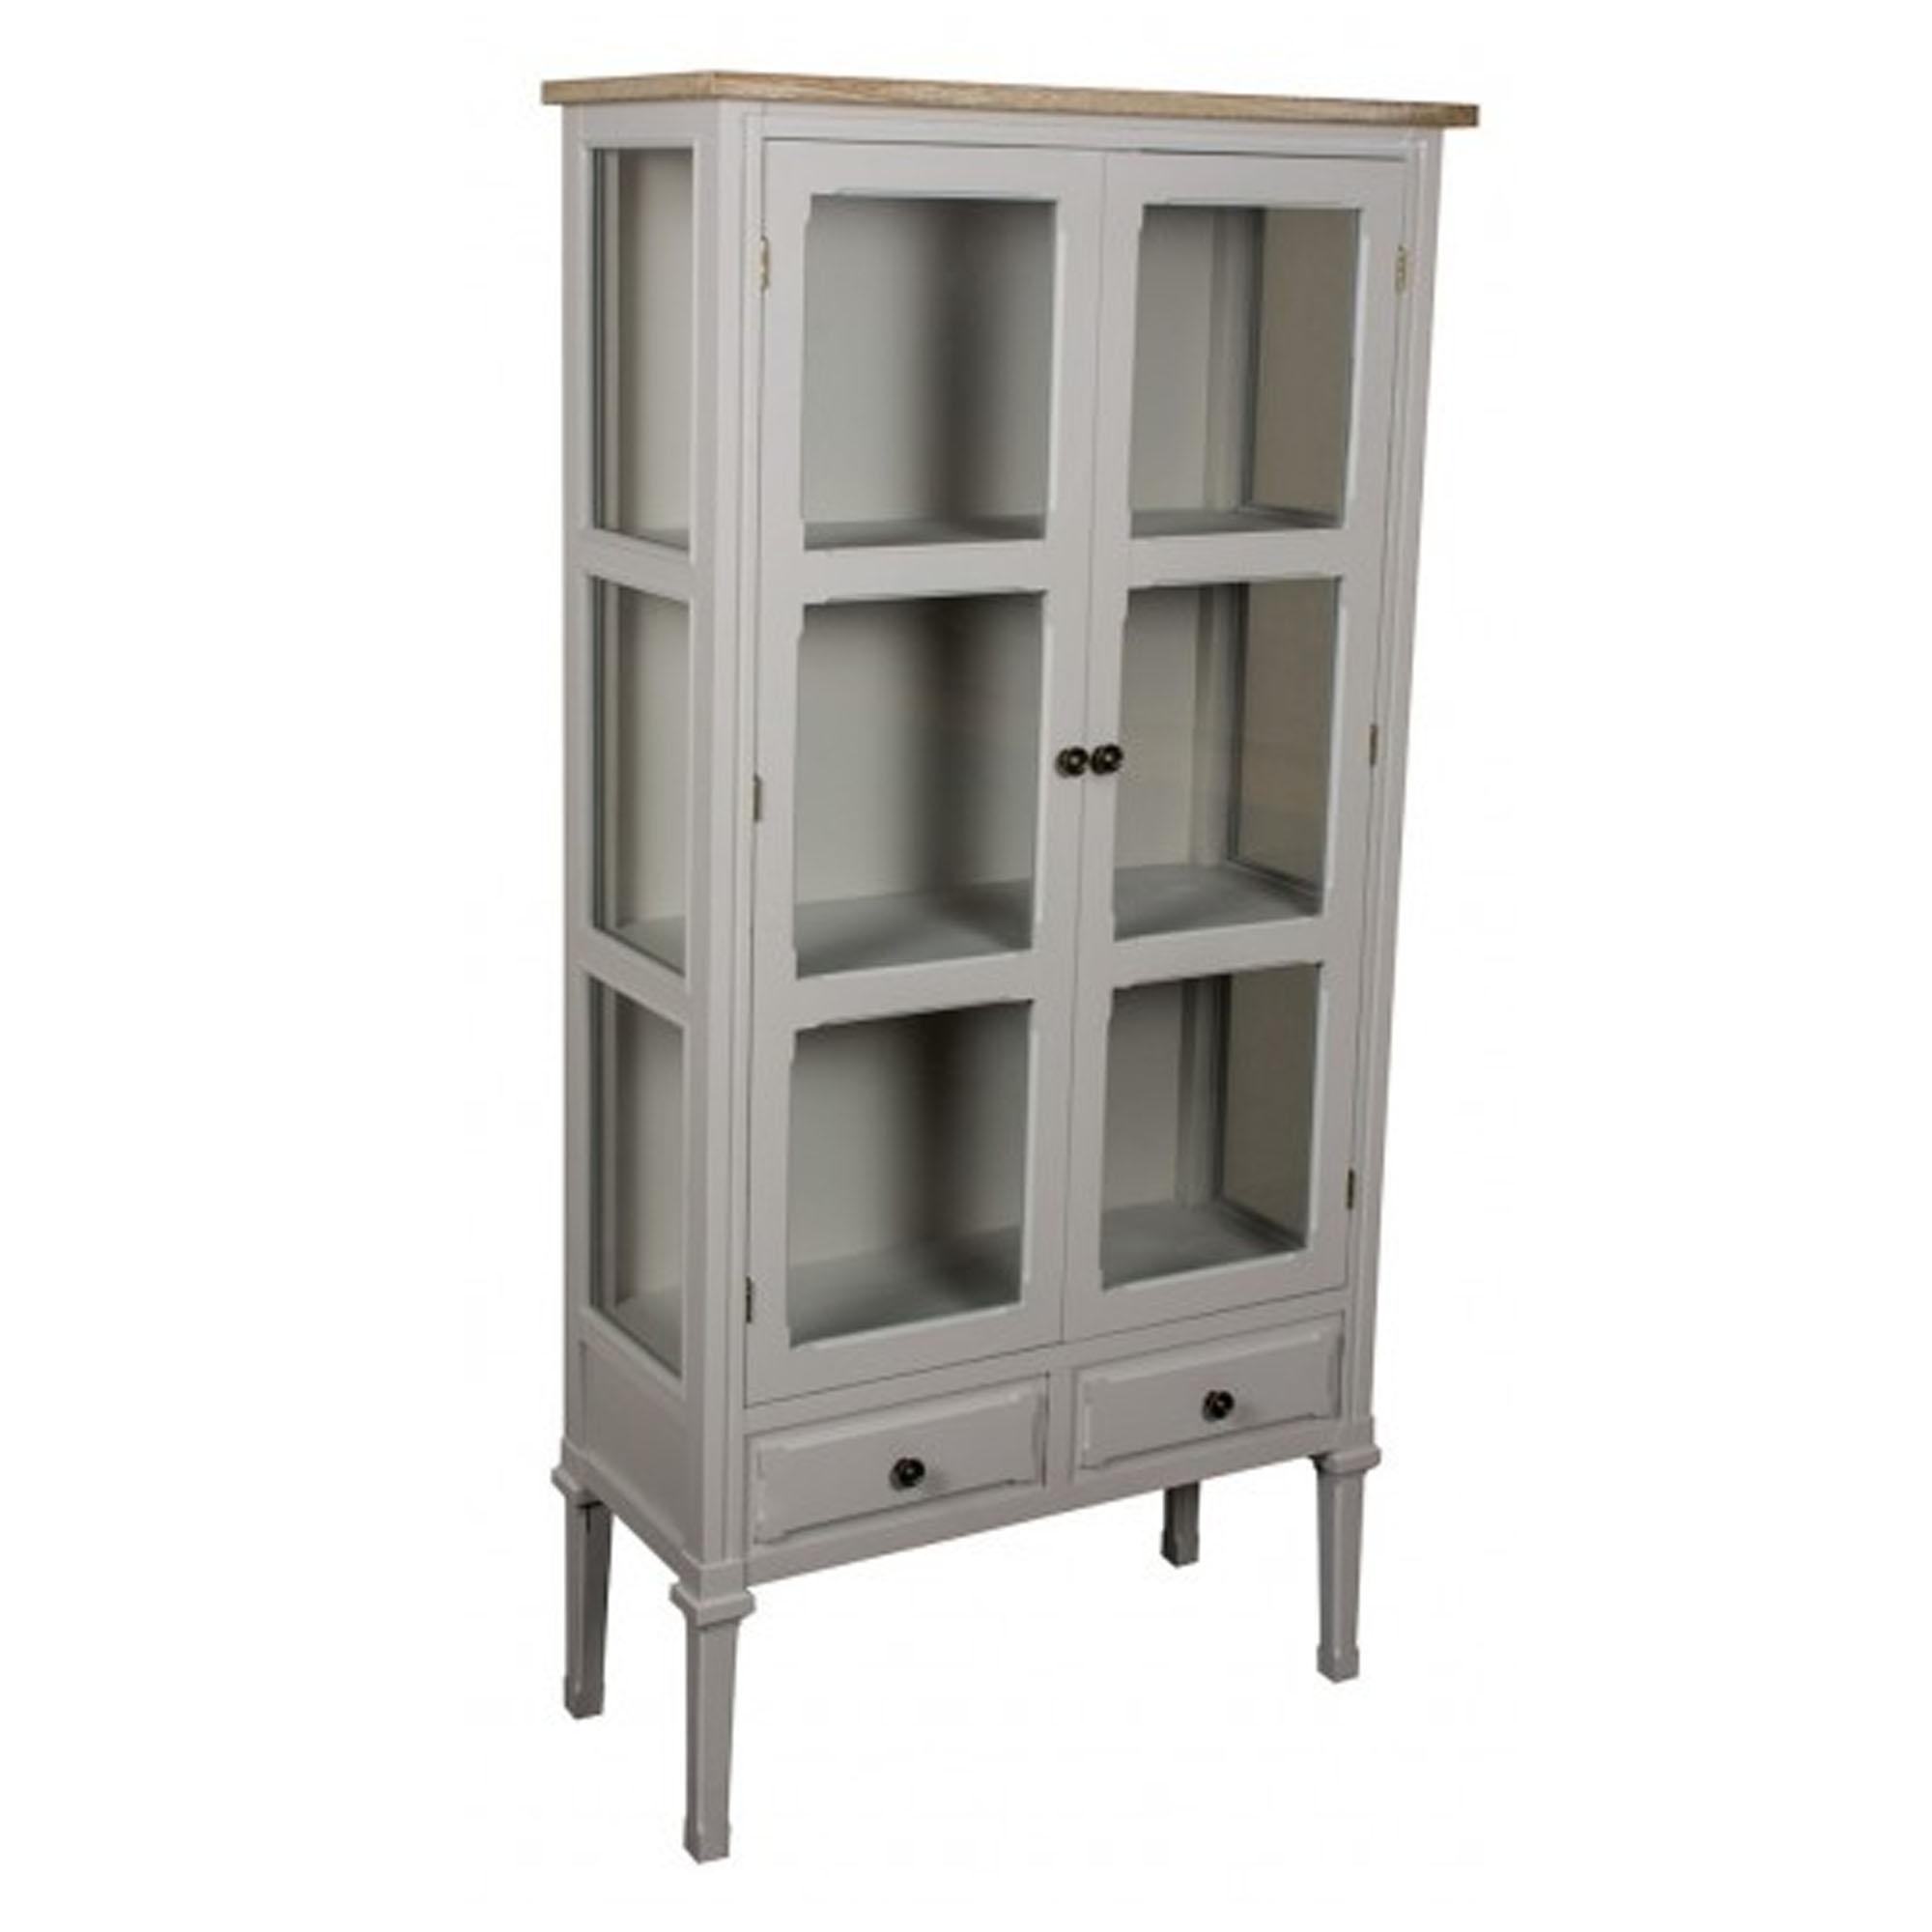 Portobello Large Glazed Shabby Chic Cabinet